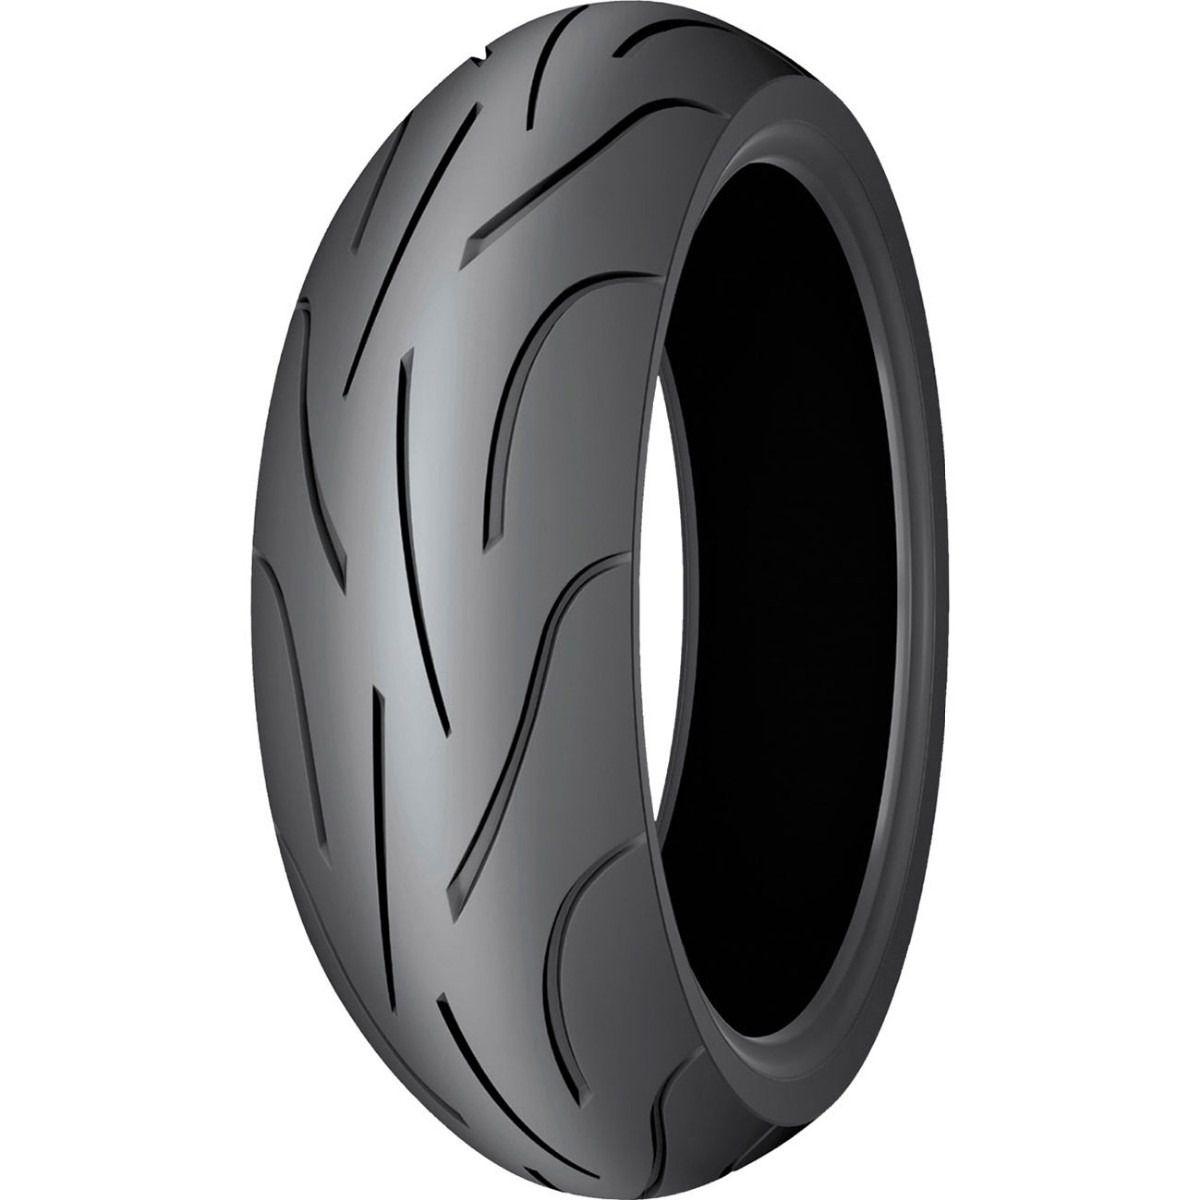 Pneu Tras Michelin 190-55-17 Pilot Power 2ct